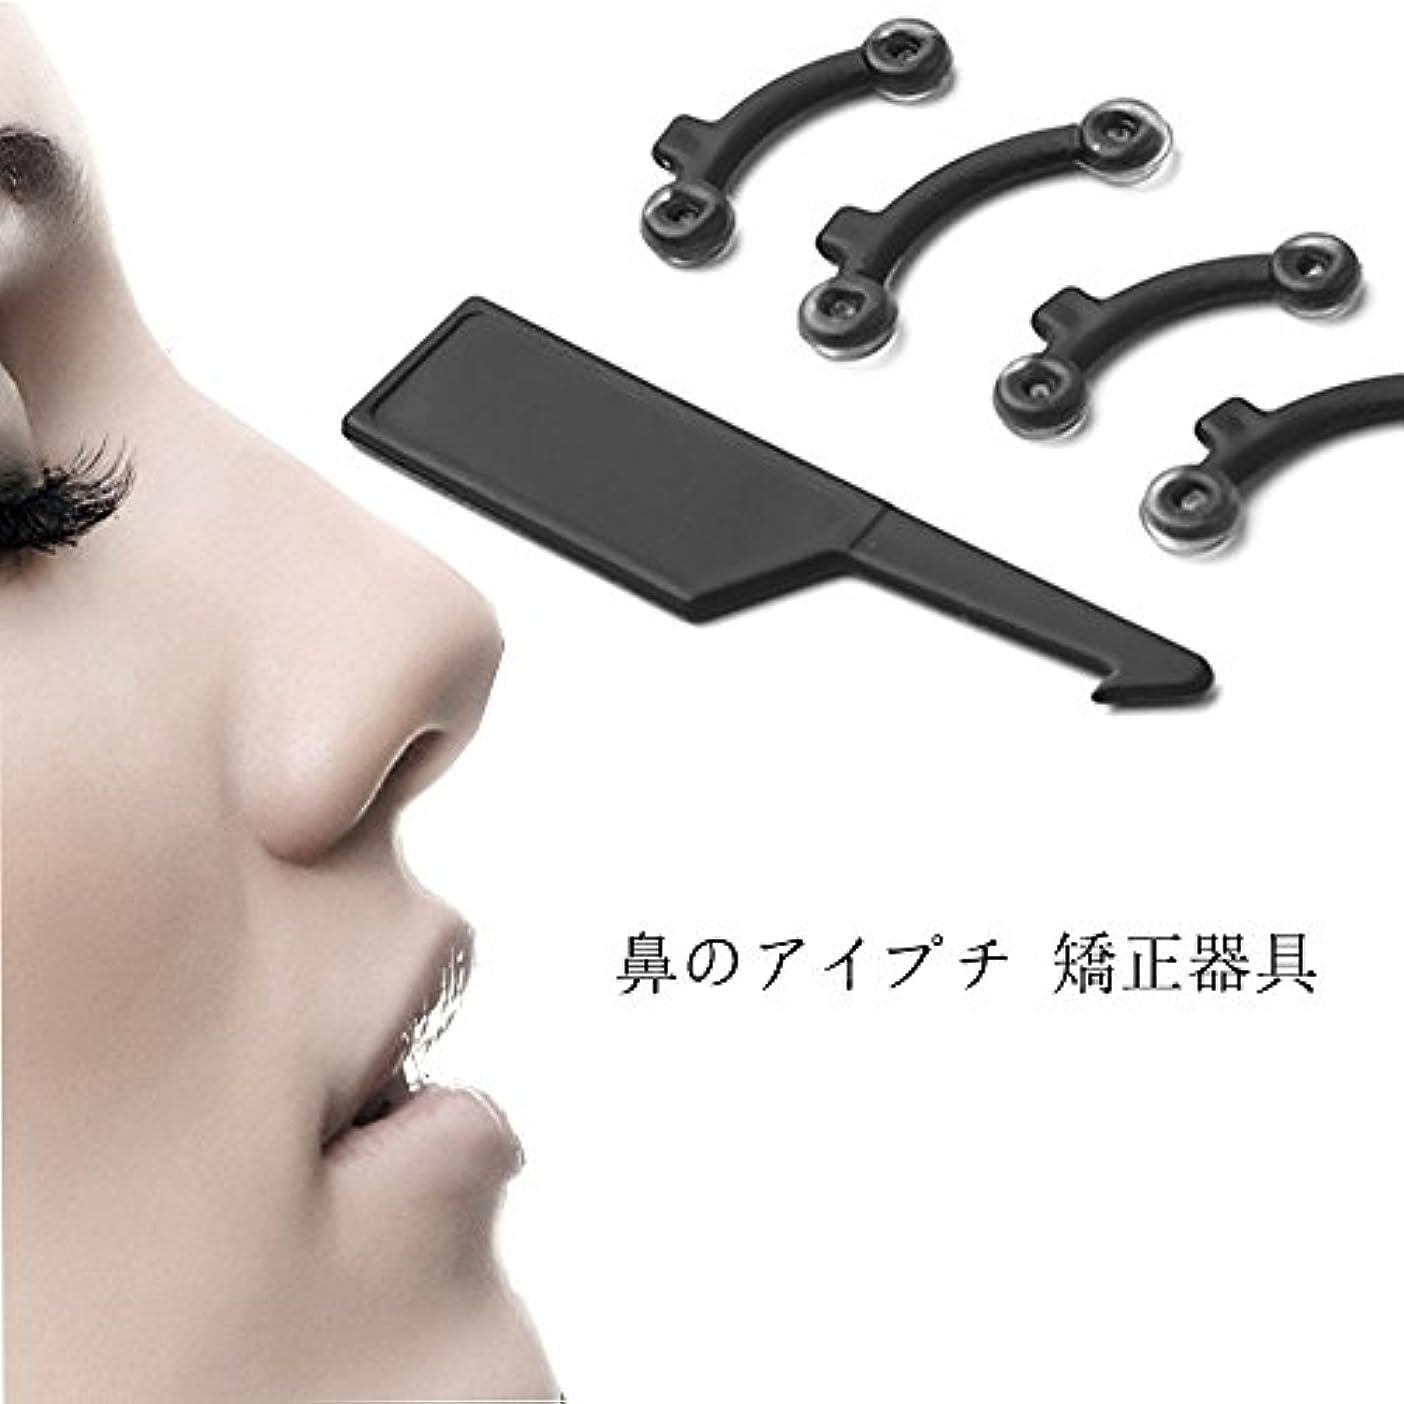 進む意味のあるのりHotGame 鼻プチ コポン柔軟性高く 鼻筋スラりん 鼻パッド 美容 鼻のアイプチ 矯正器具 プチ整形 痛くない